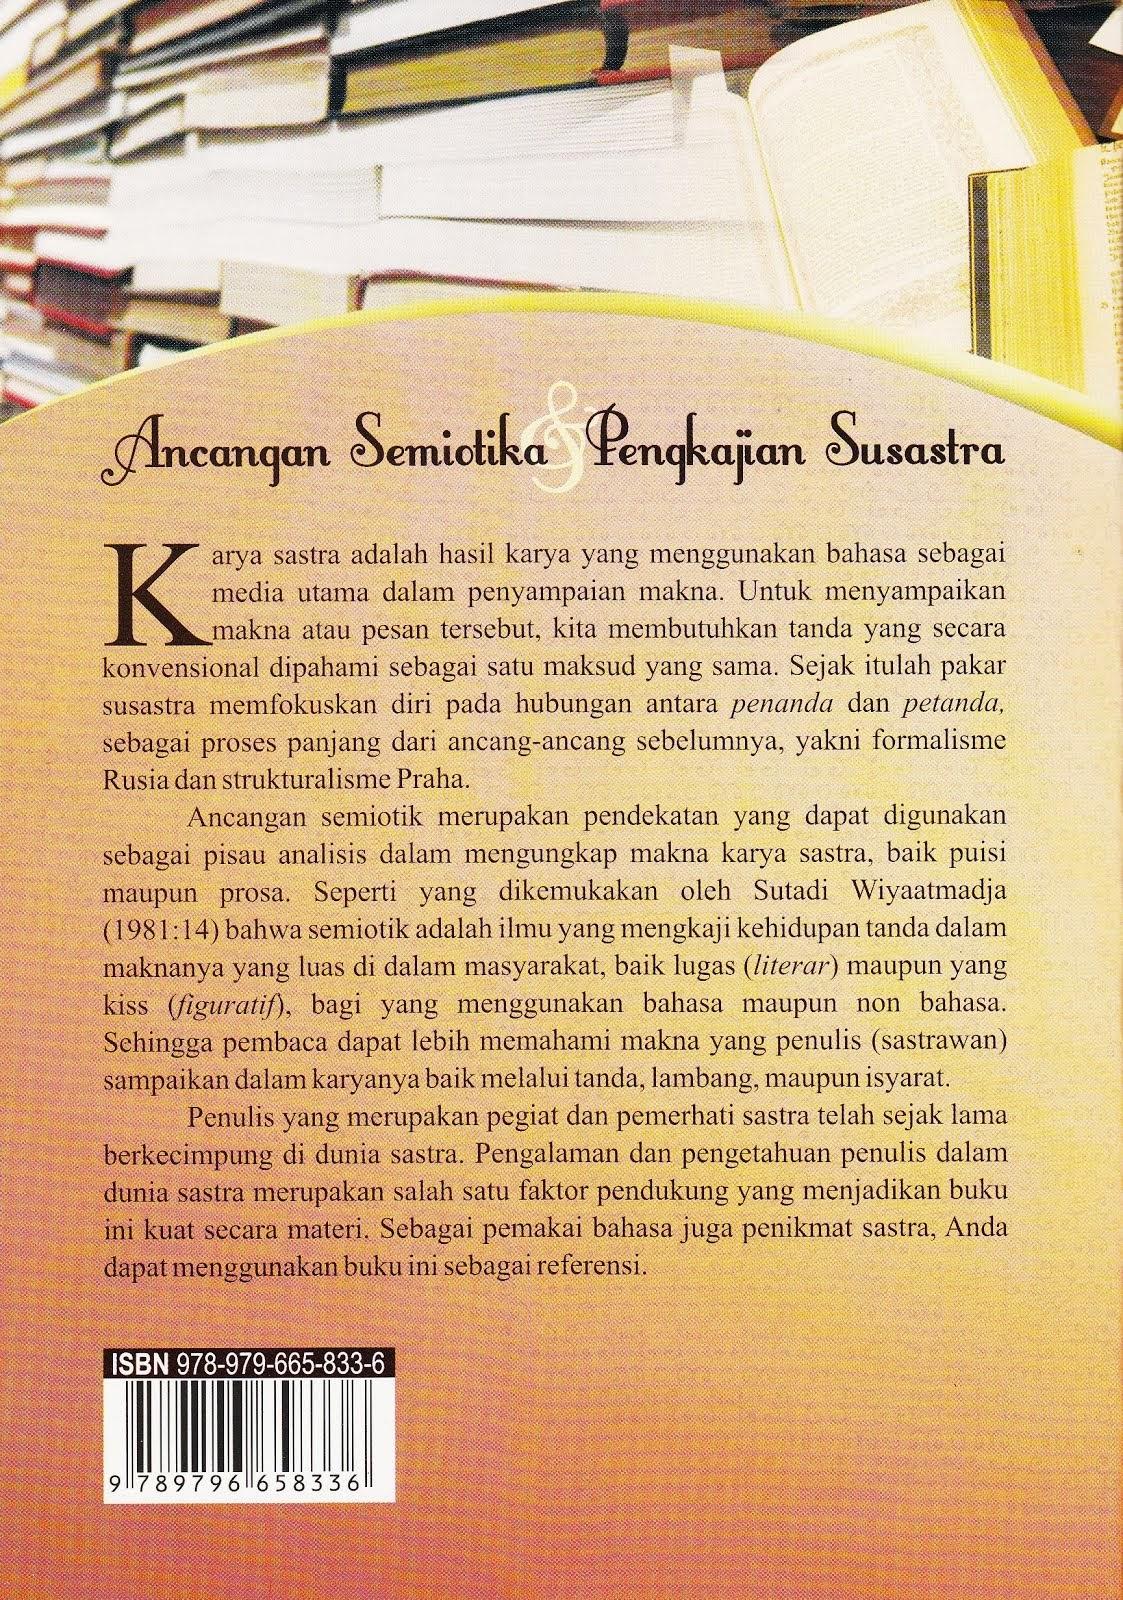 Ancangan Semiotika